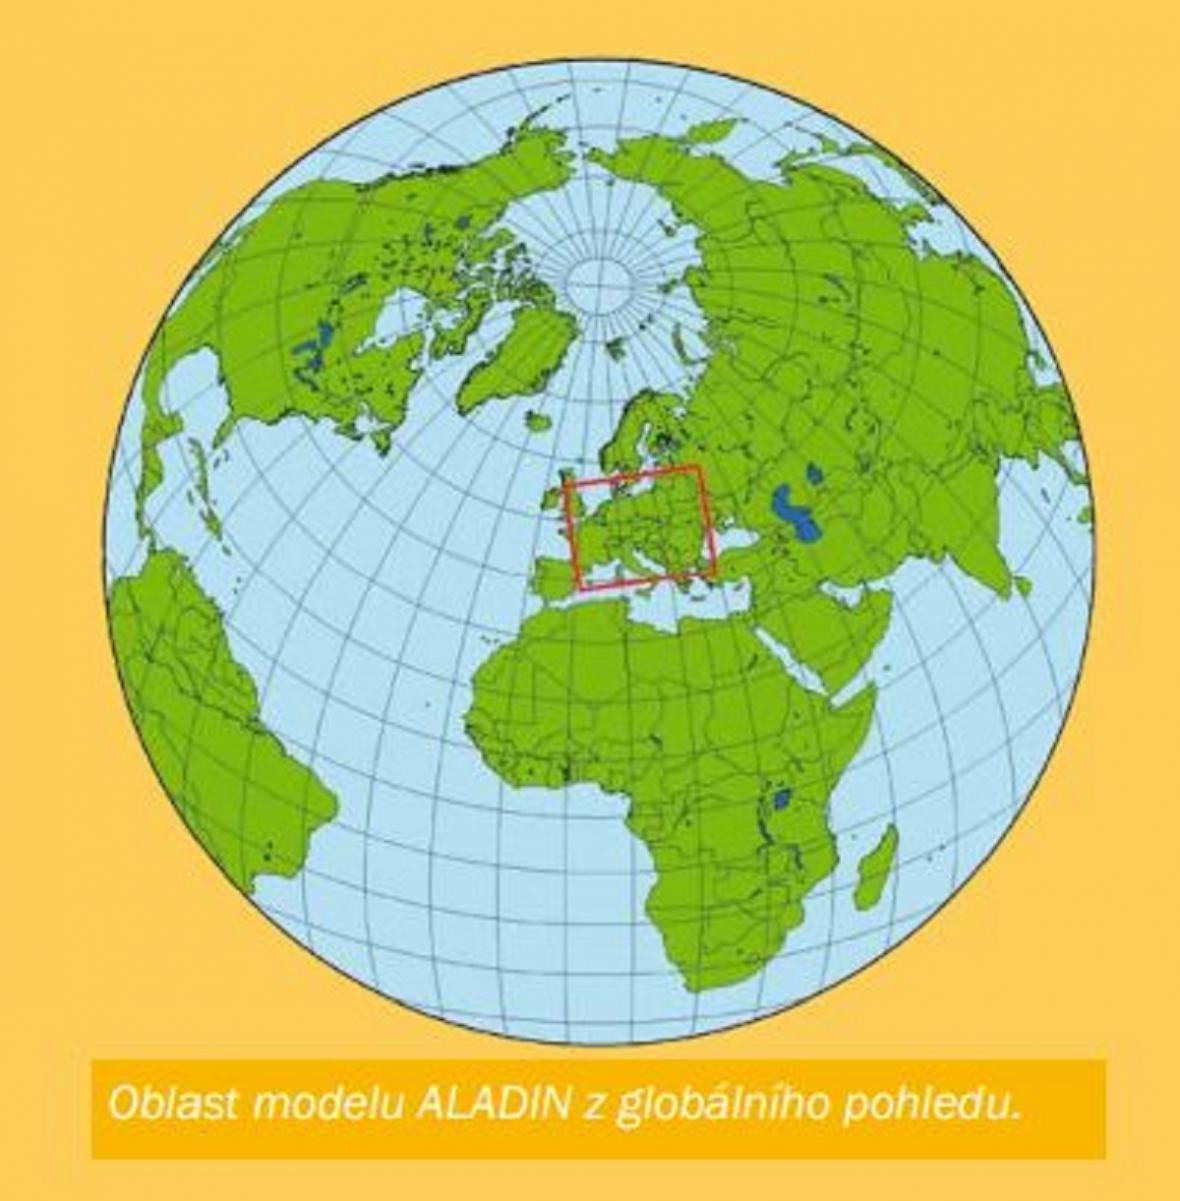 Oblast modelu Aladin z globálního pohledu